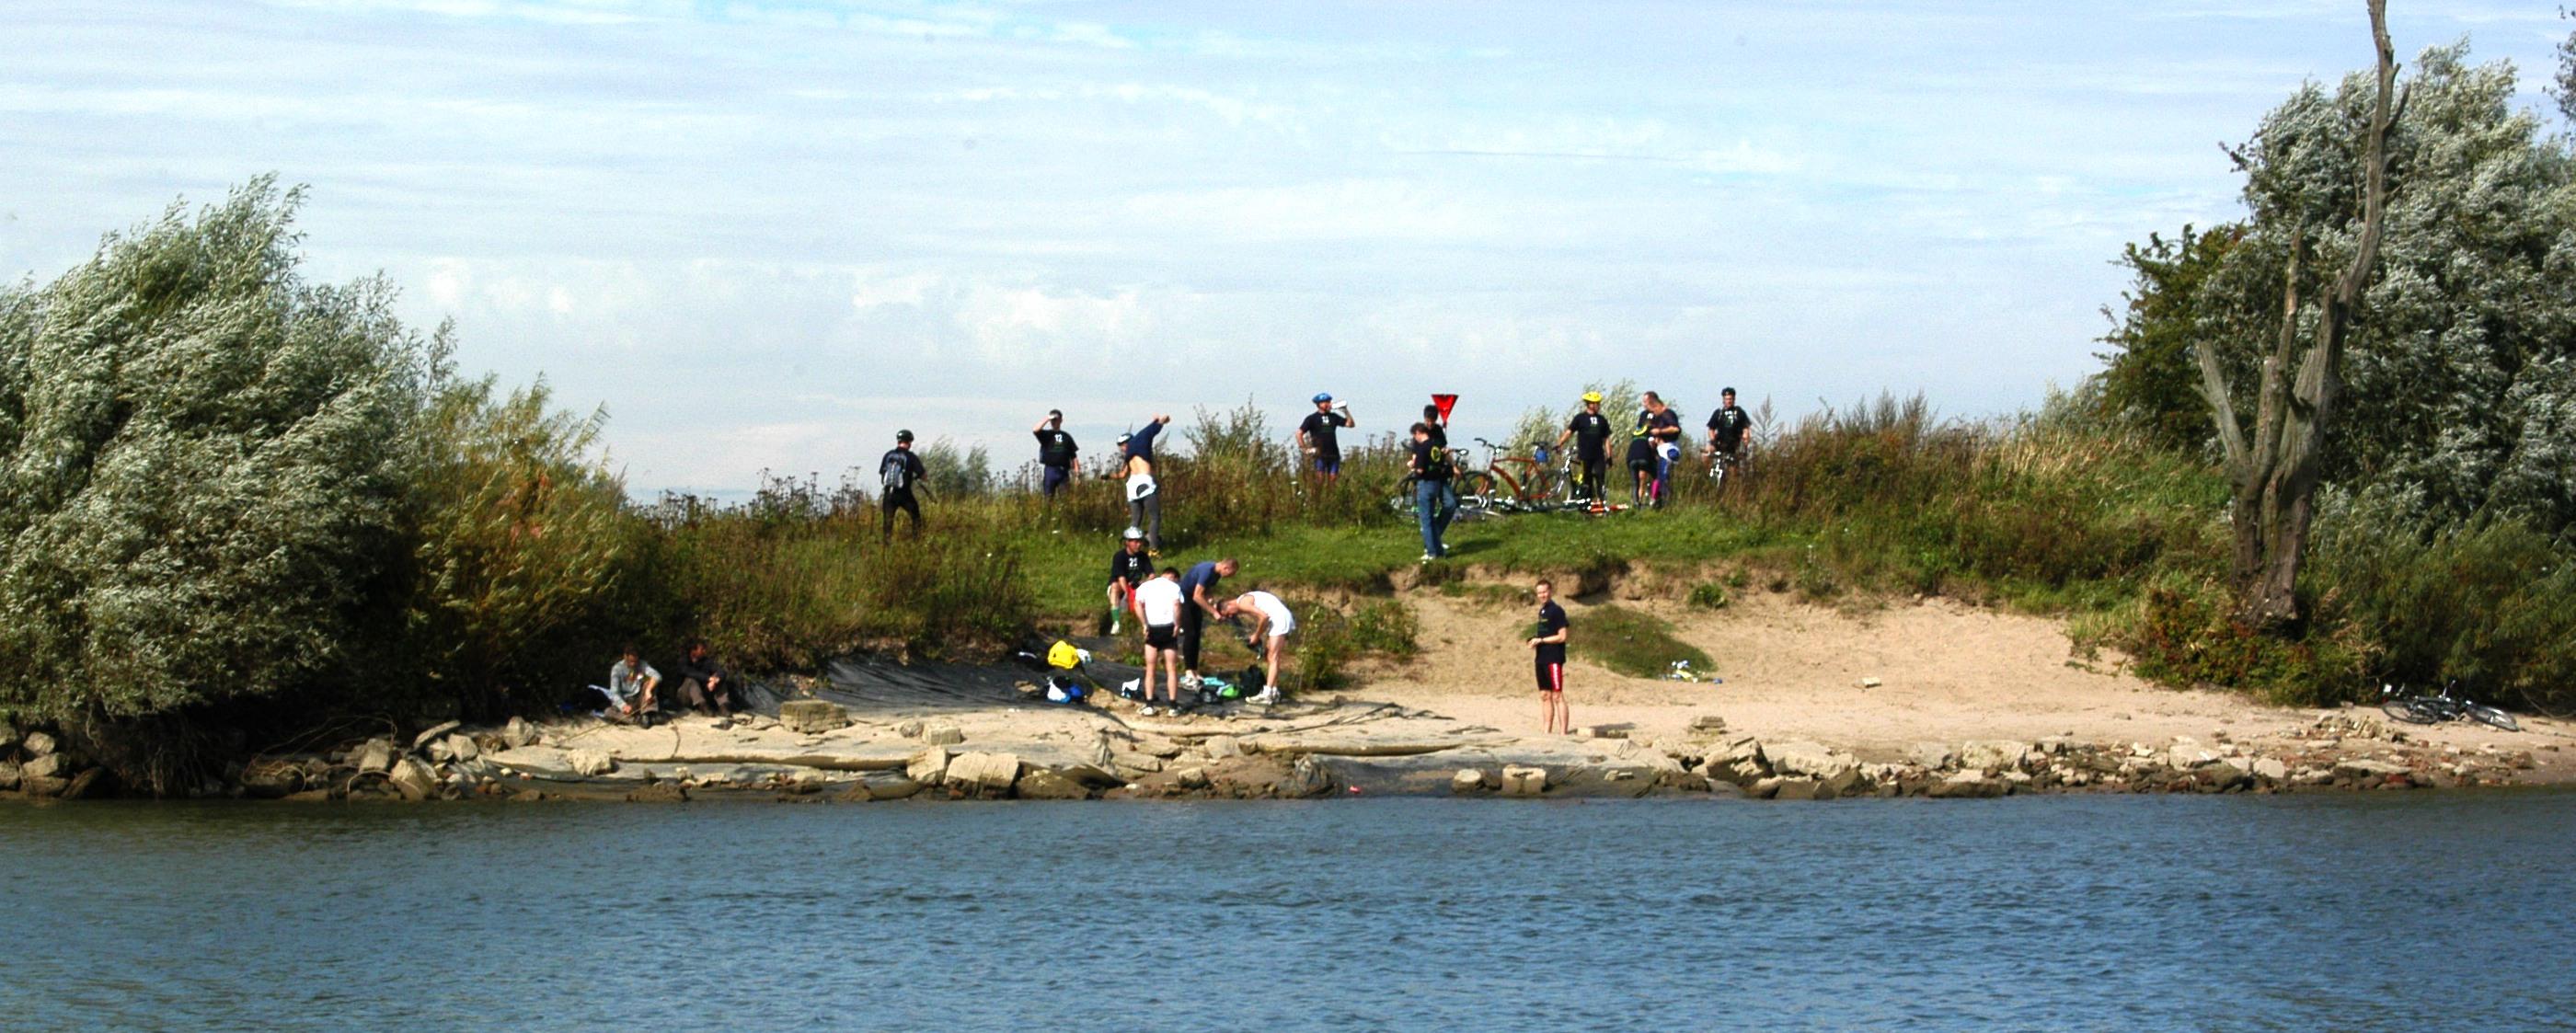 Hele kleed partijen aan de overzijde van de IJssel baai. Waarom? Nat was je al. Spring erin en zwem!